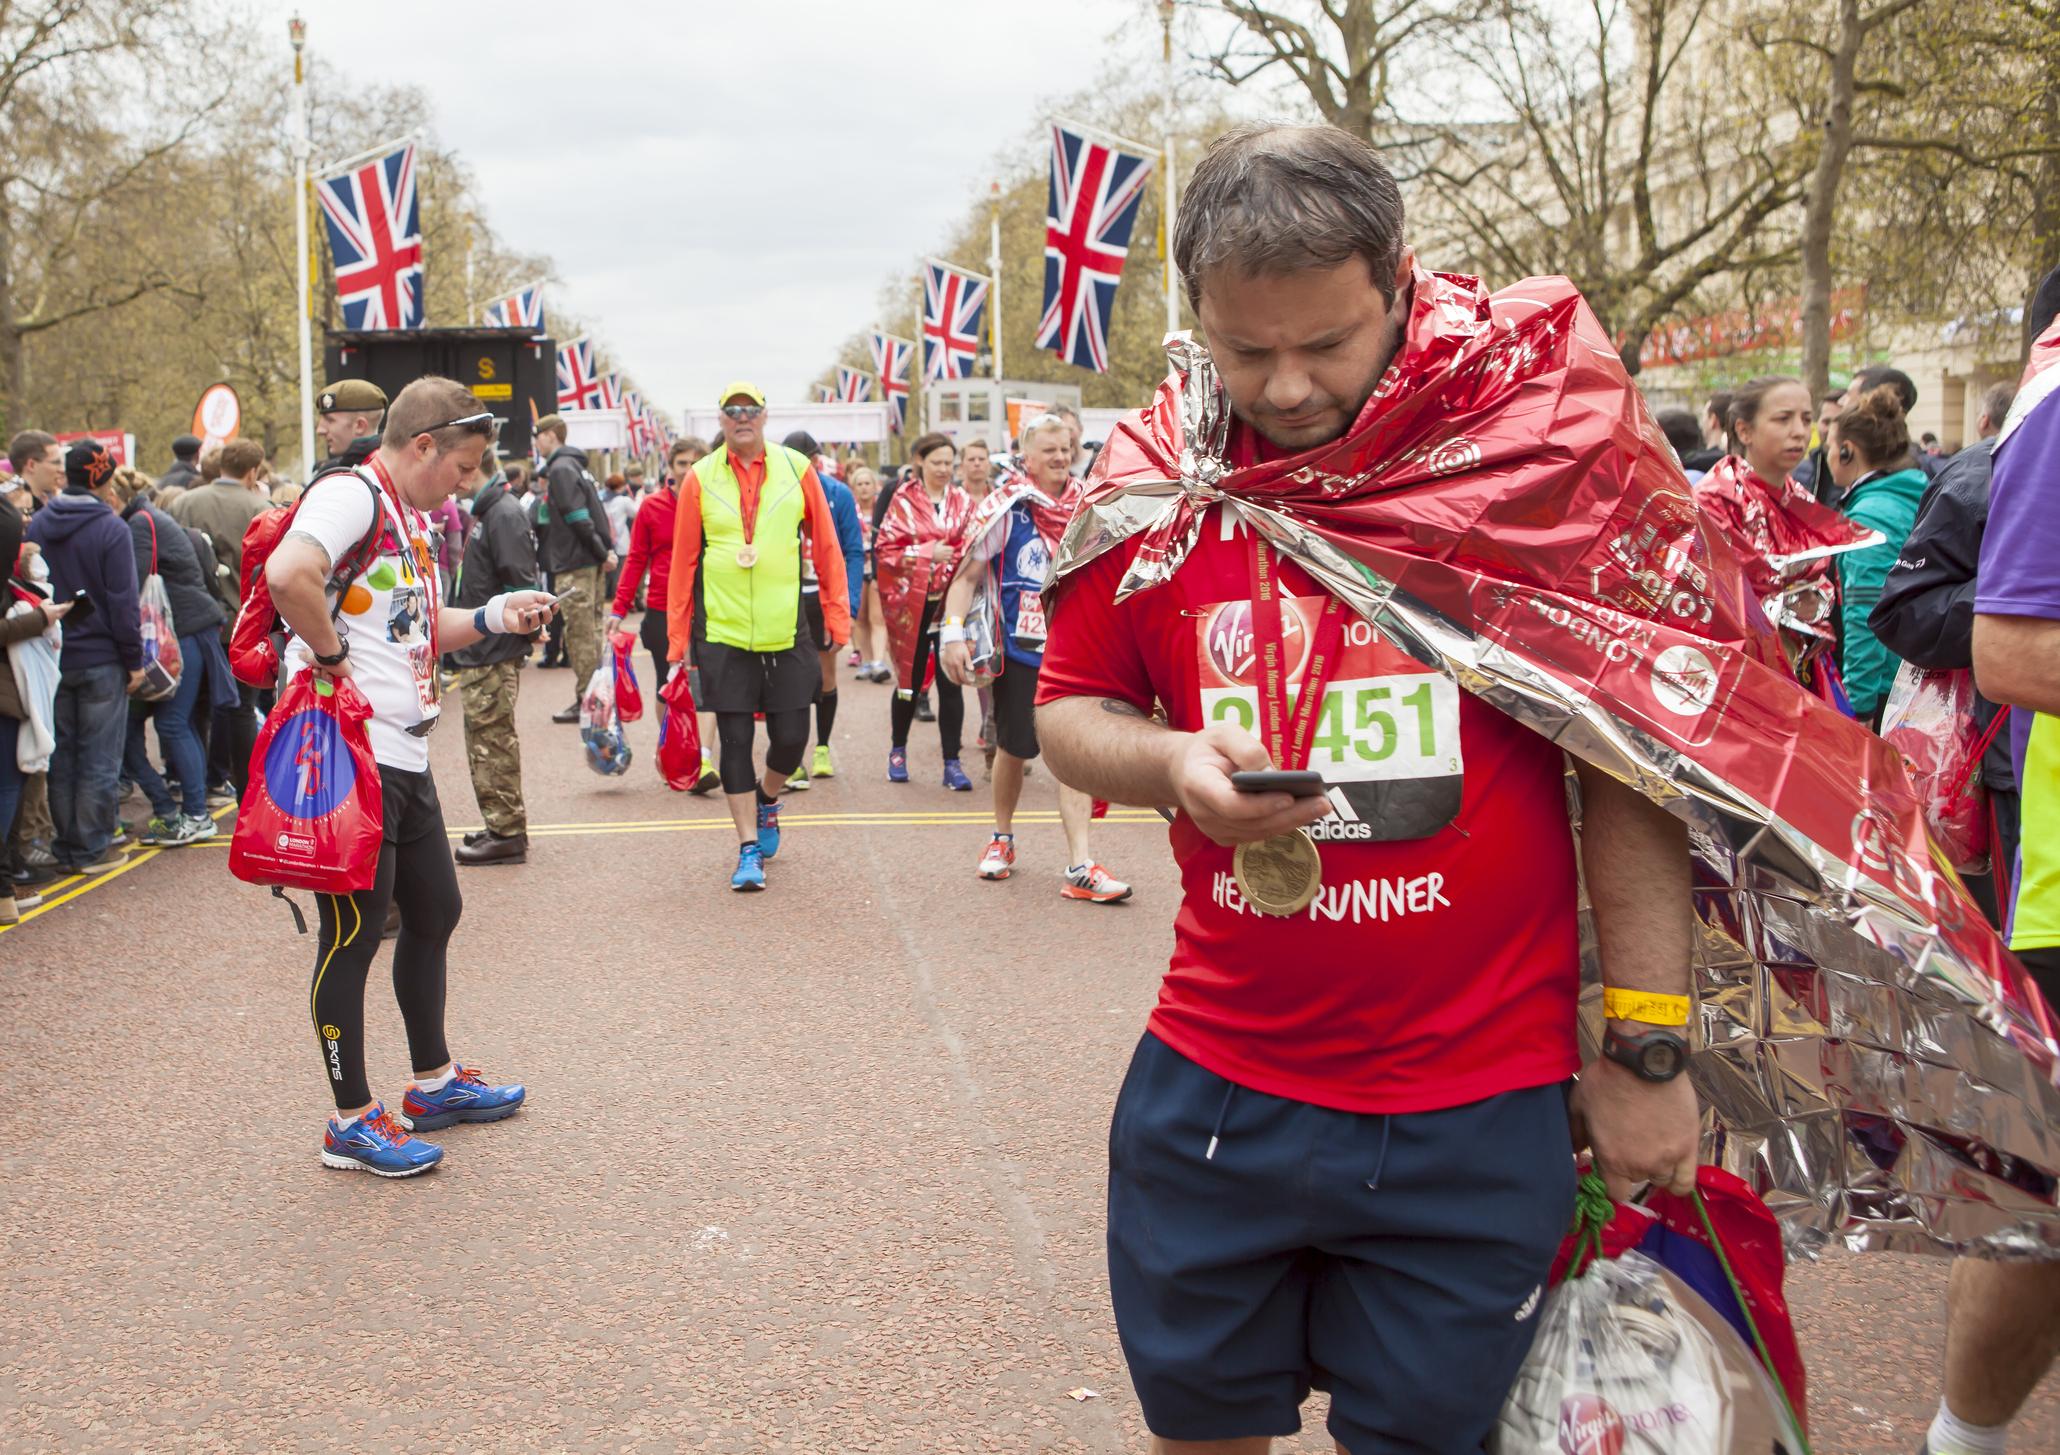 Ein Finisher des London Marathon hat seine Medaille um den Hals